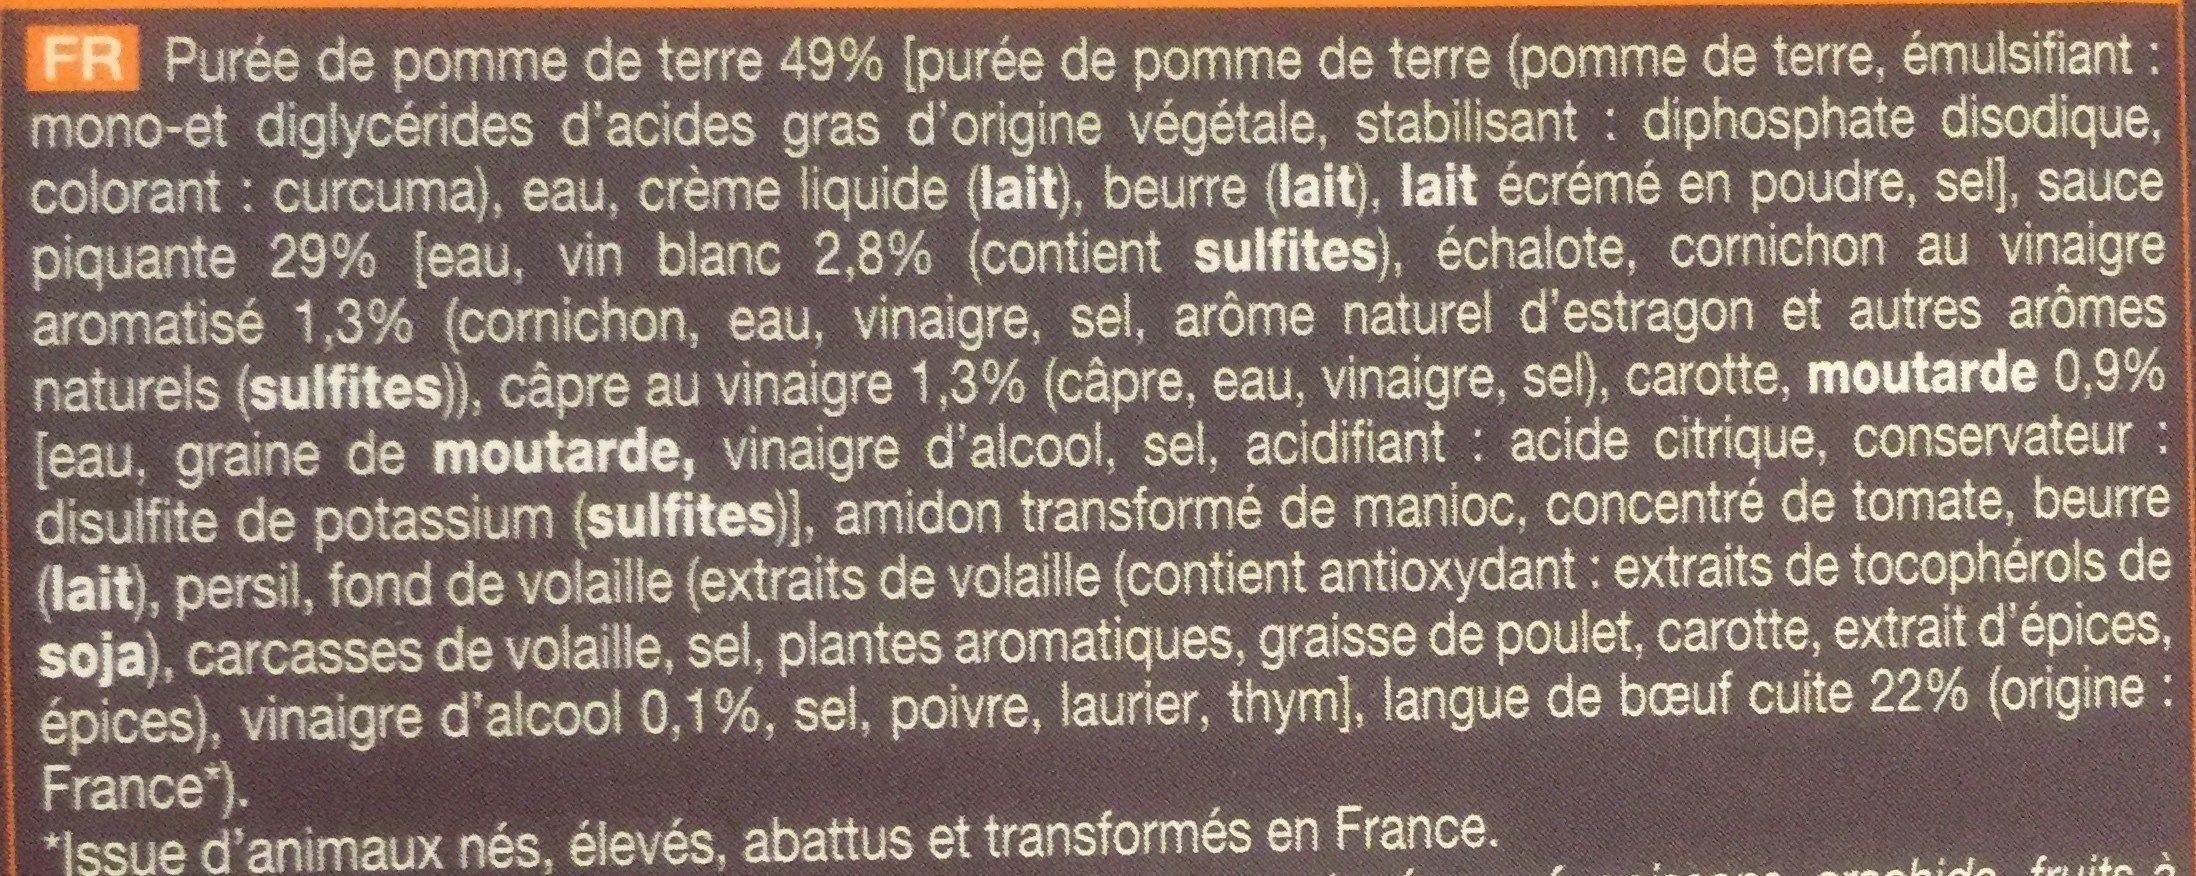 Langue De Boeuf Sauce Piquante Et Purée De Pommes De Terre - Ingrédients